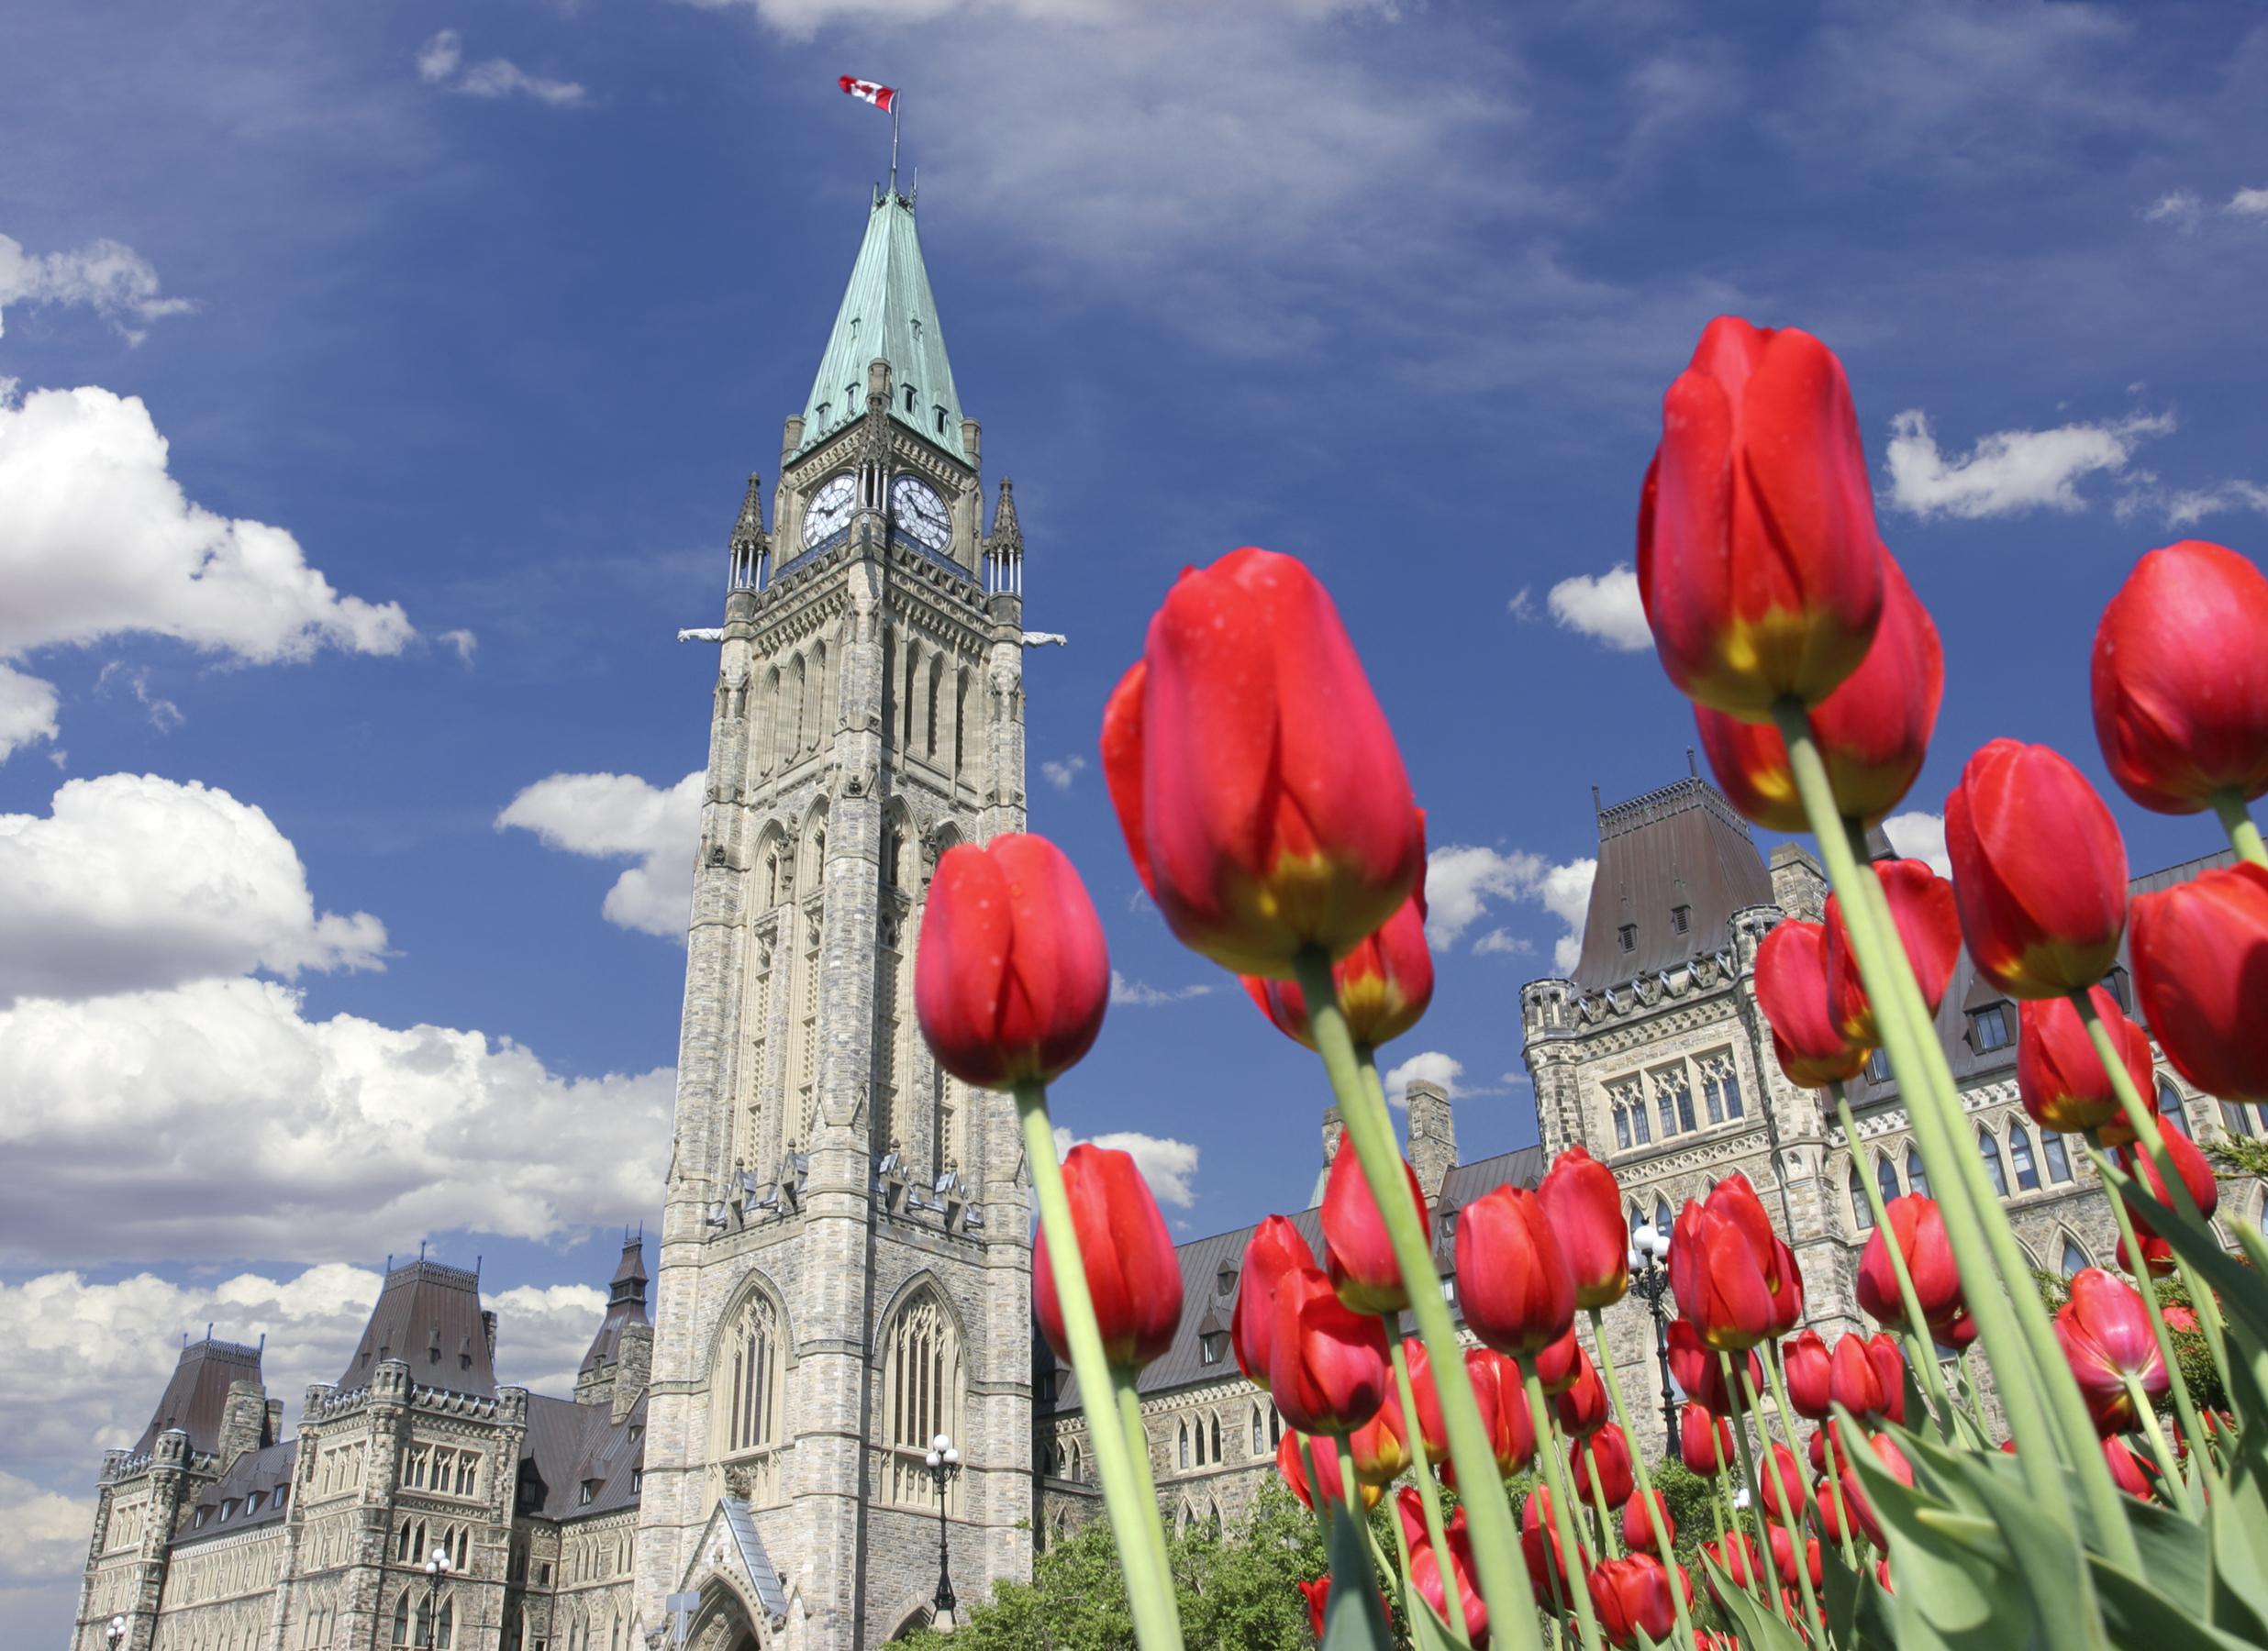 За что голландцы каждую весну присылают в Канаду по 20 тысяч луковиц тюльпанов